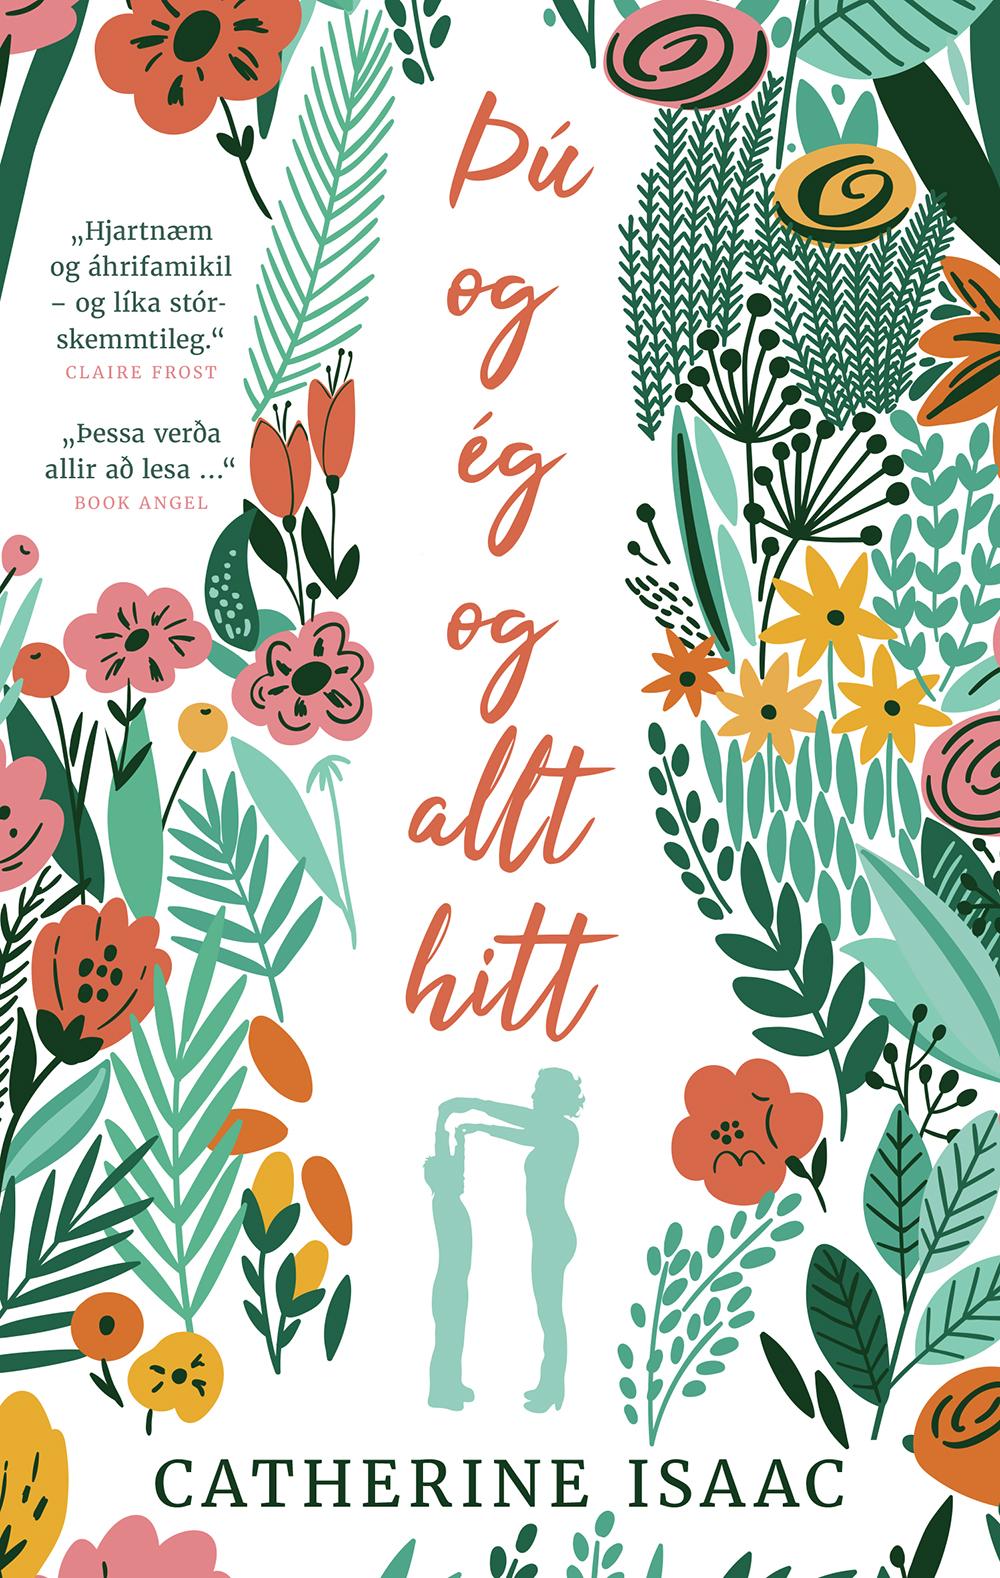 Þú og ég og allt hitt